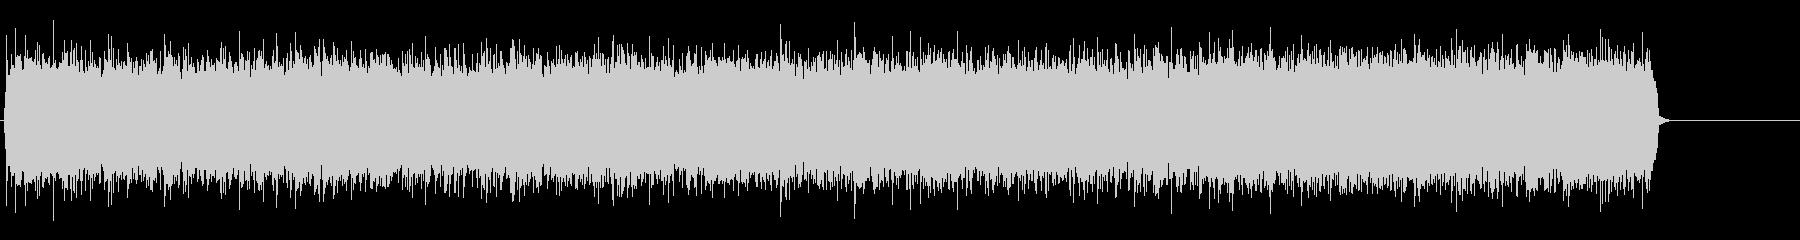 疾走するアメリカンロック(イントロ~…)の未再生の波形